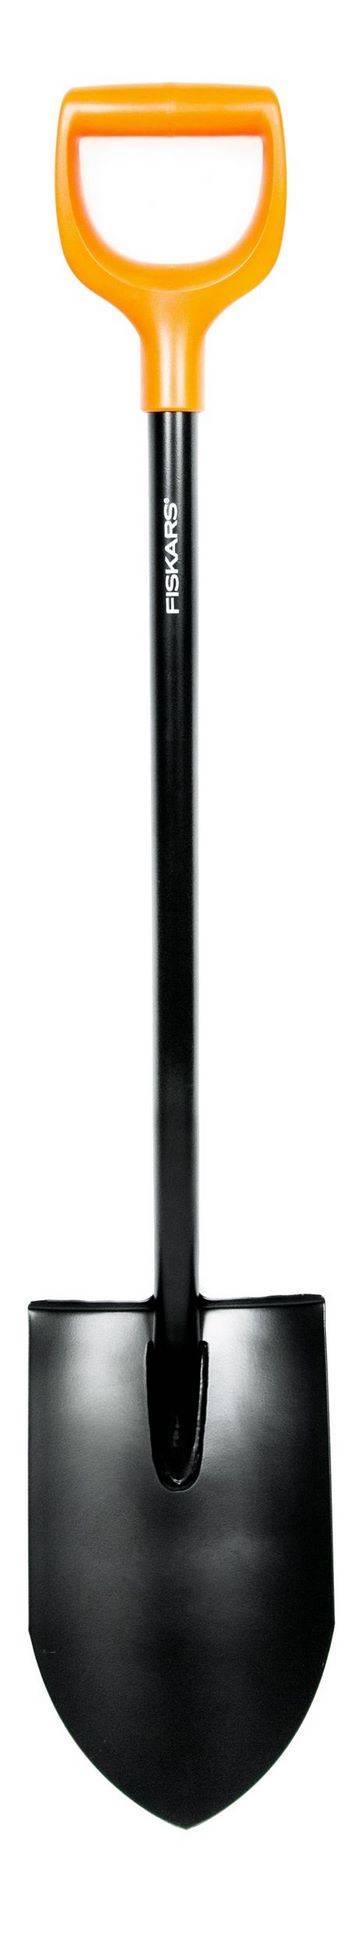 Купить Лопата штыковая FISKARS Solid 1026684